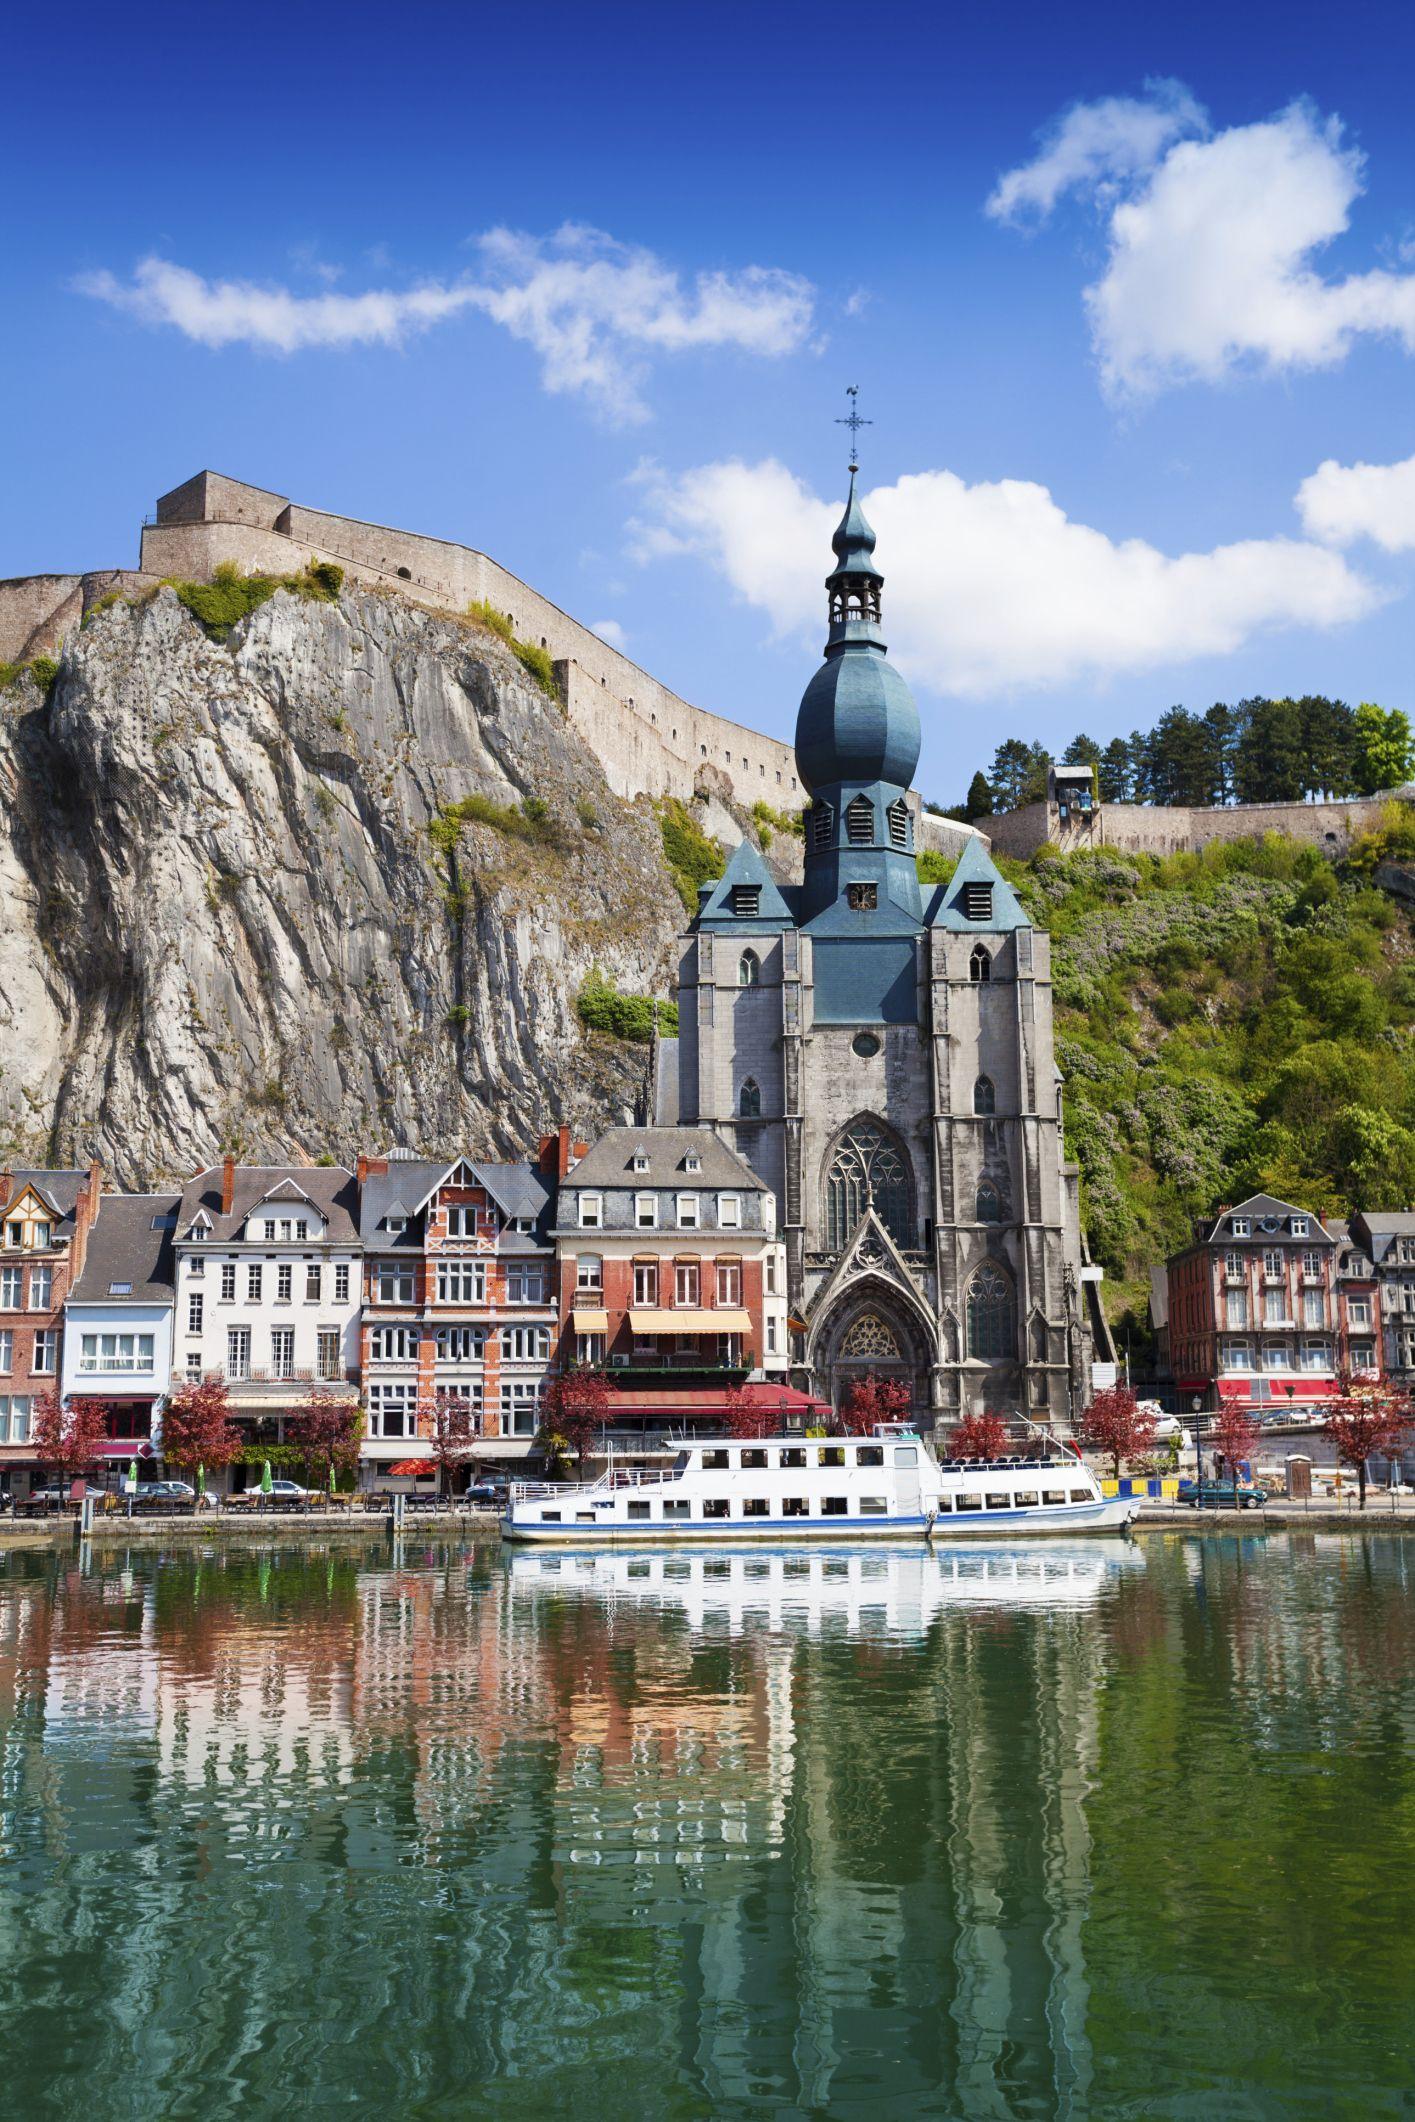 Dinant Collegiate Church on Meuse river - Belgium